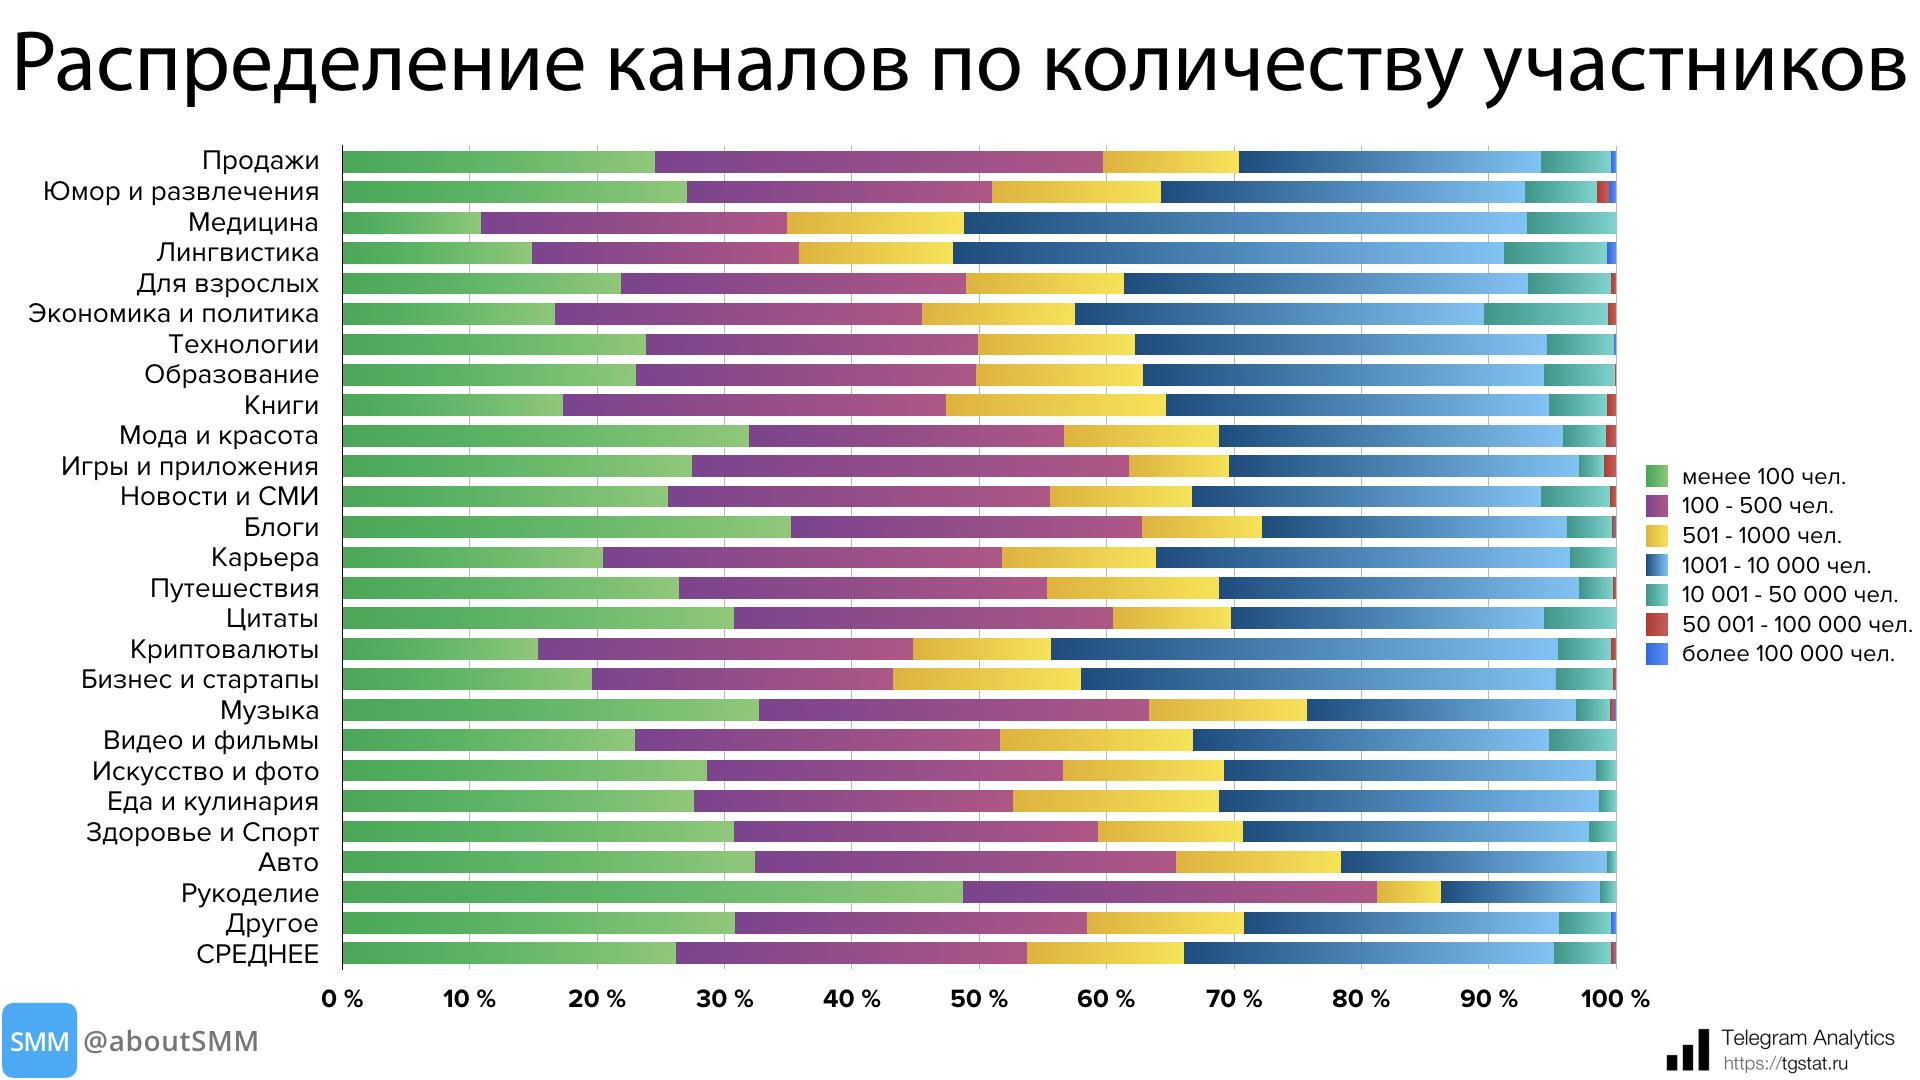 фото: каналы по количеству участников телеграм